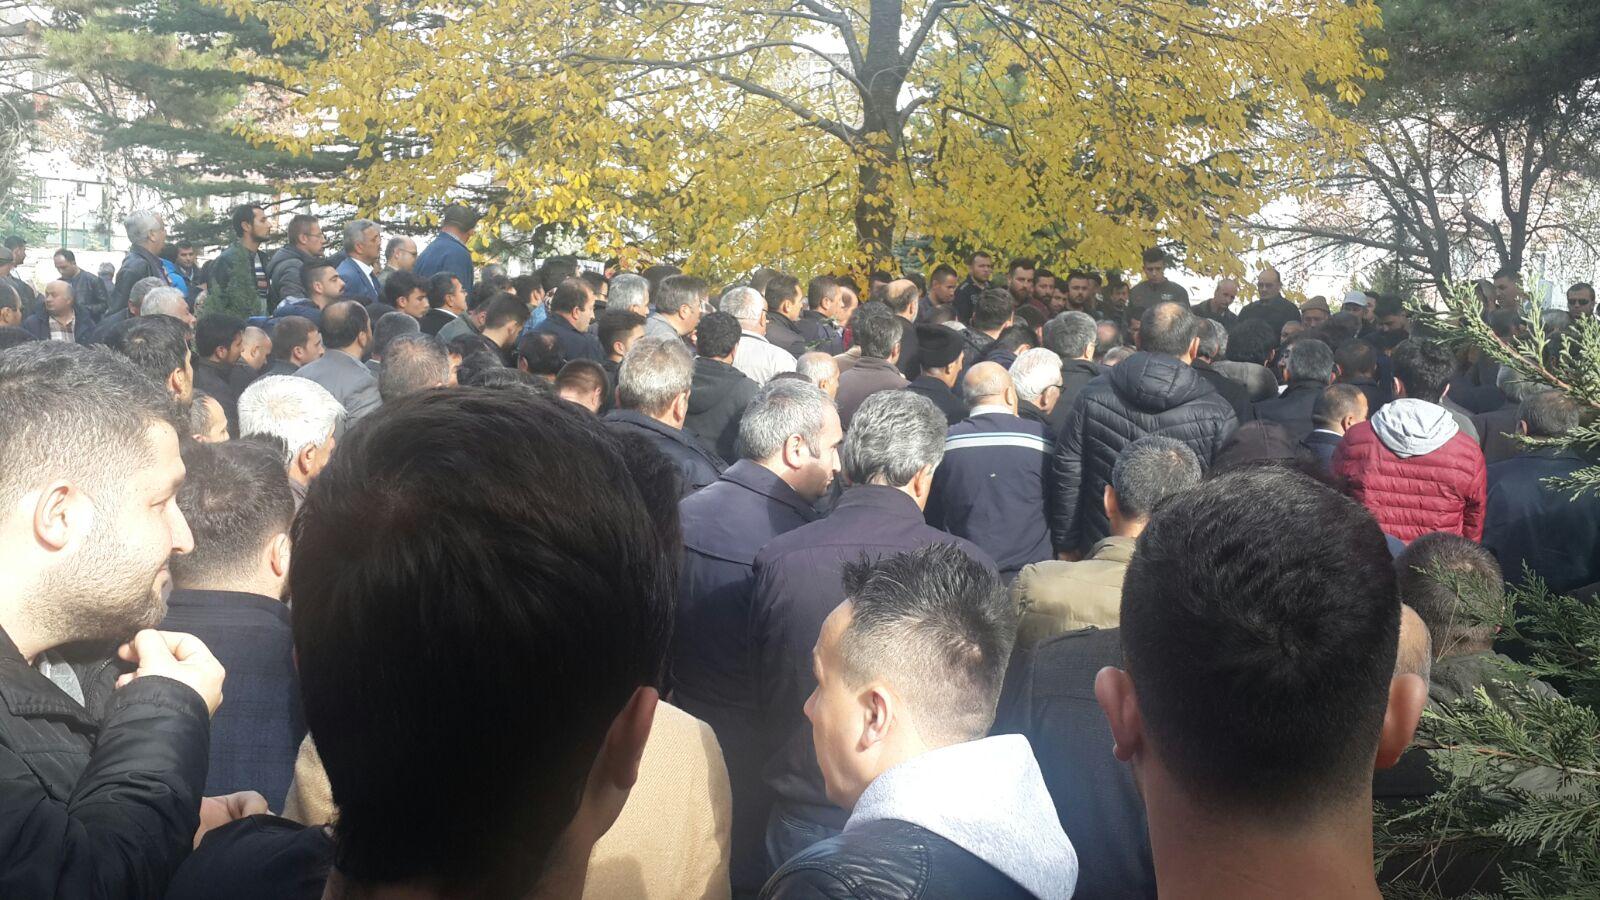 Beyin kanaması sonucu hayatını kaybeden Bolu İzzet Baysal Devlet Hastanesi  işyeri temsilcimiz Cezmi Oflaz'ı ebediyete uğurladık.